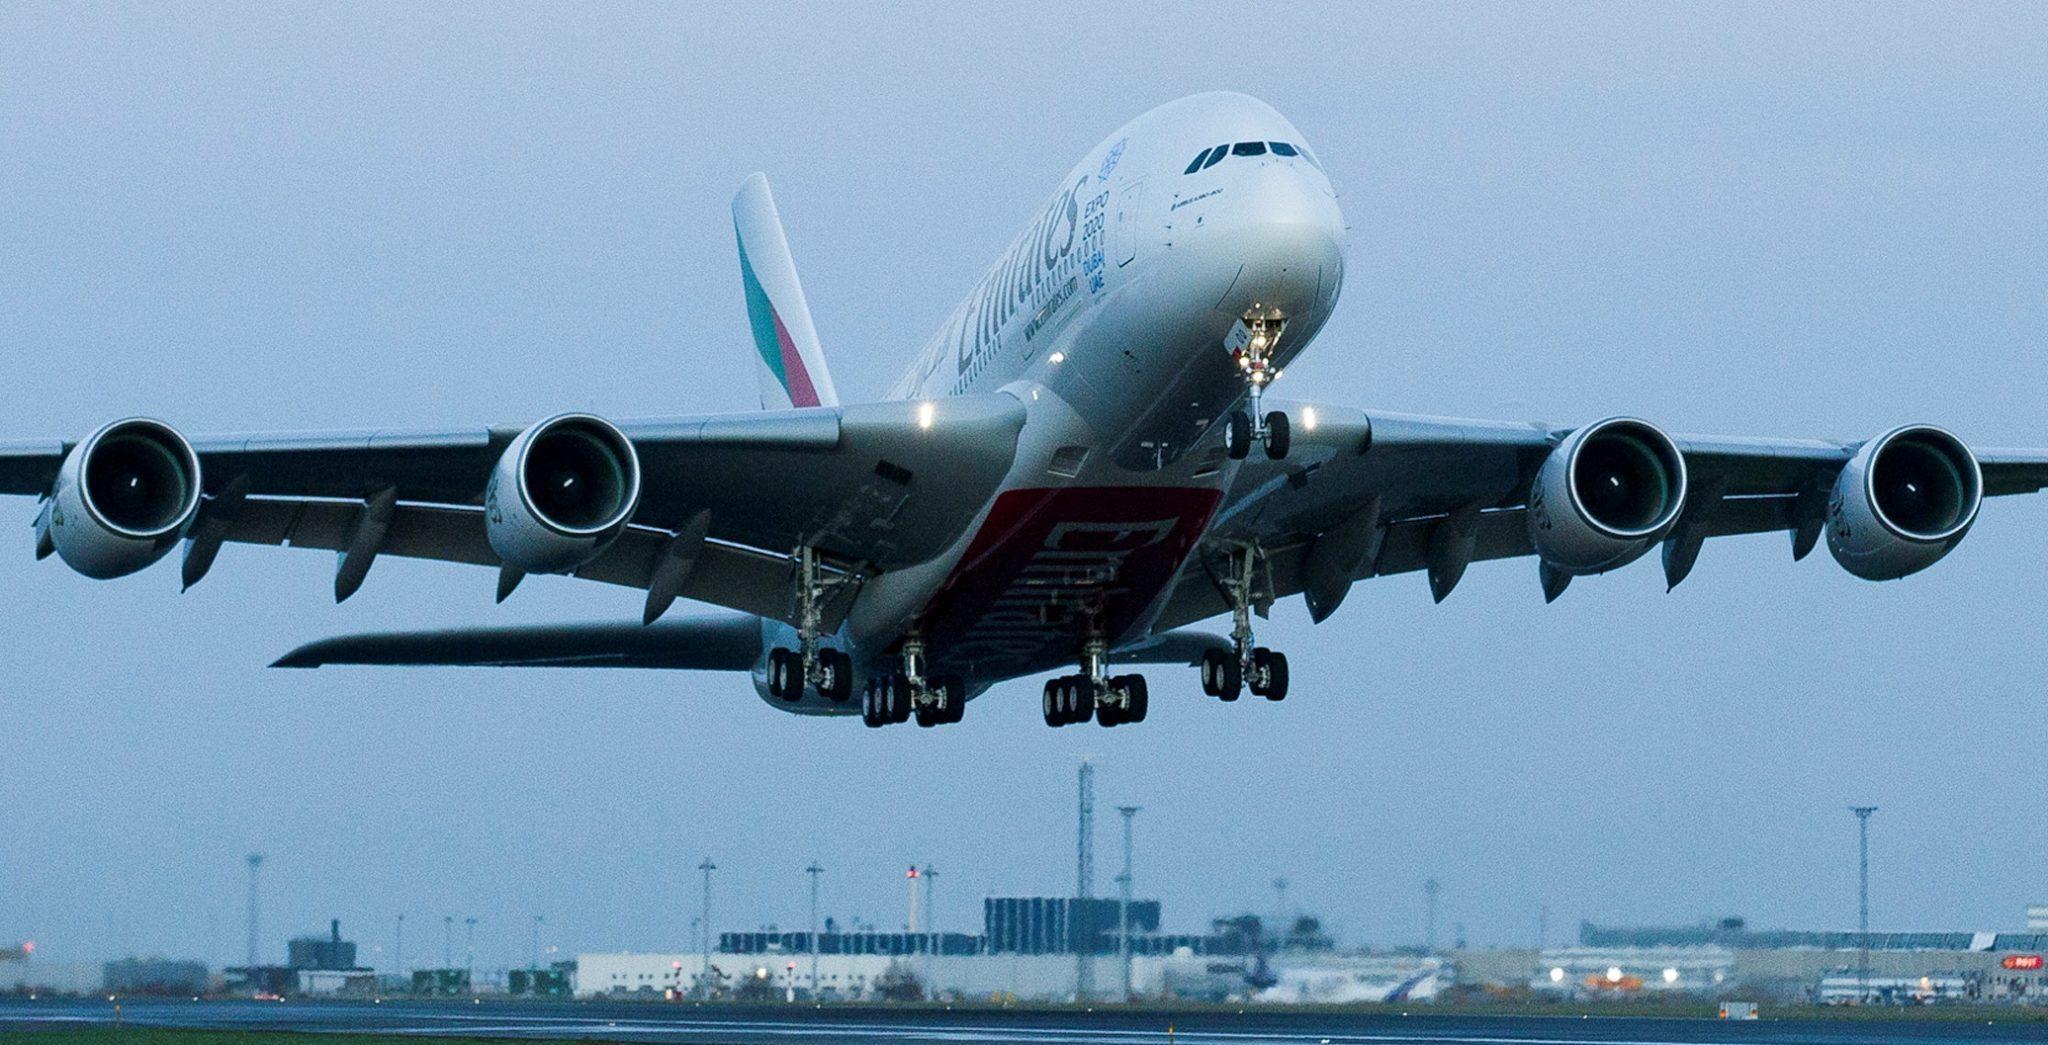 En Airbus A380 på vej til landing i Københavns Lufthavn.